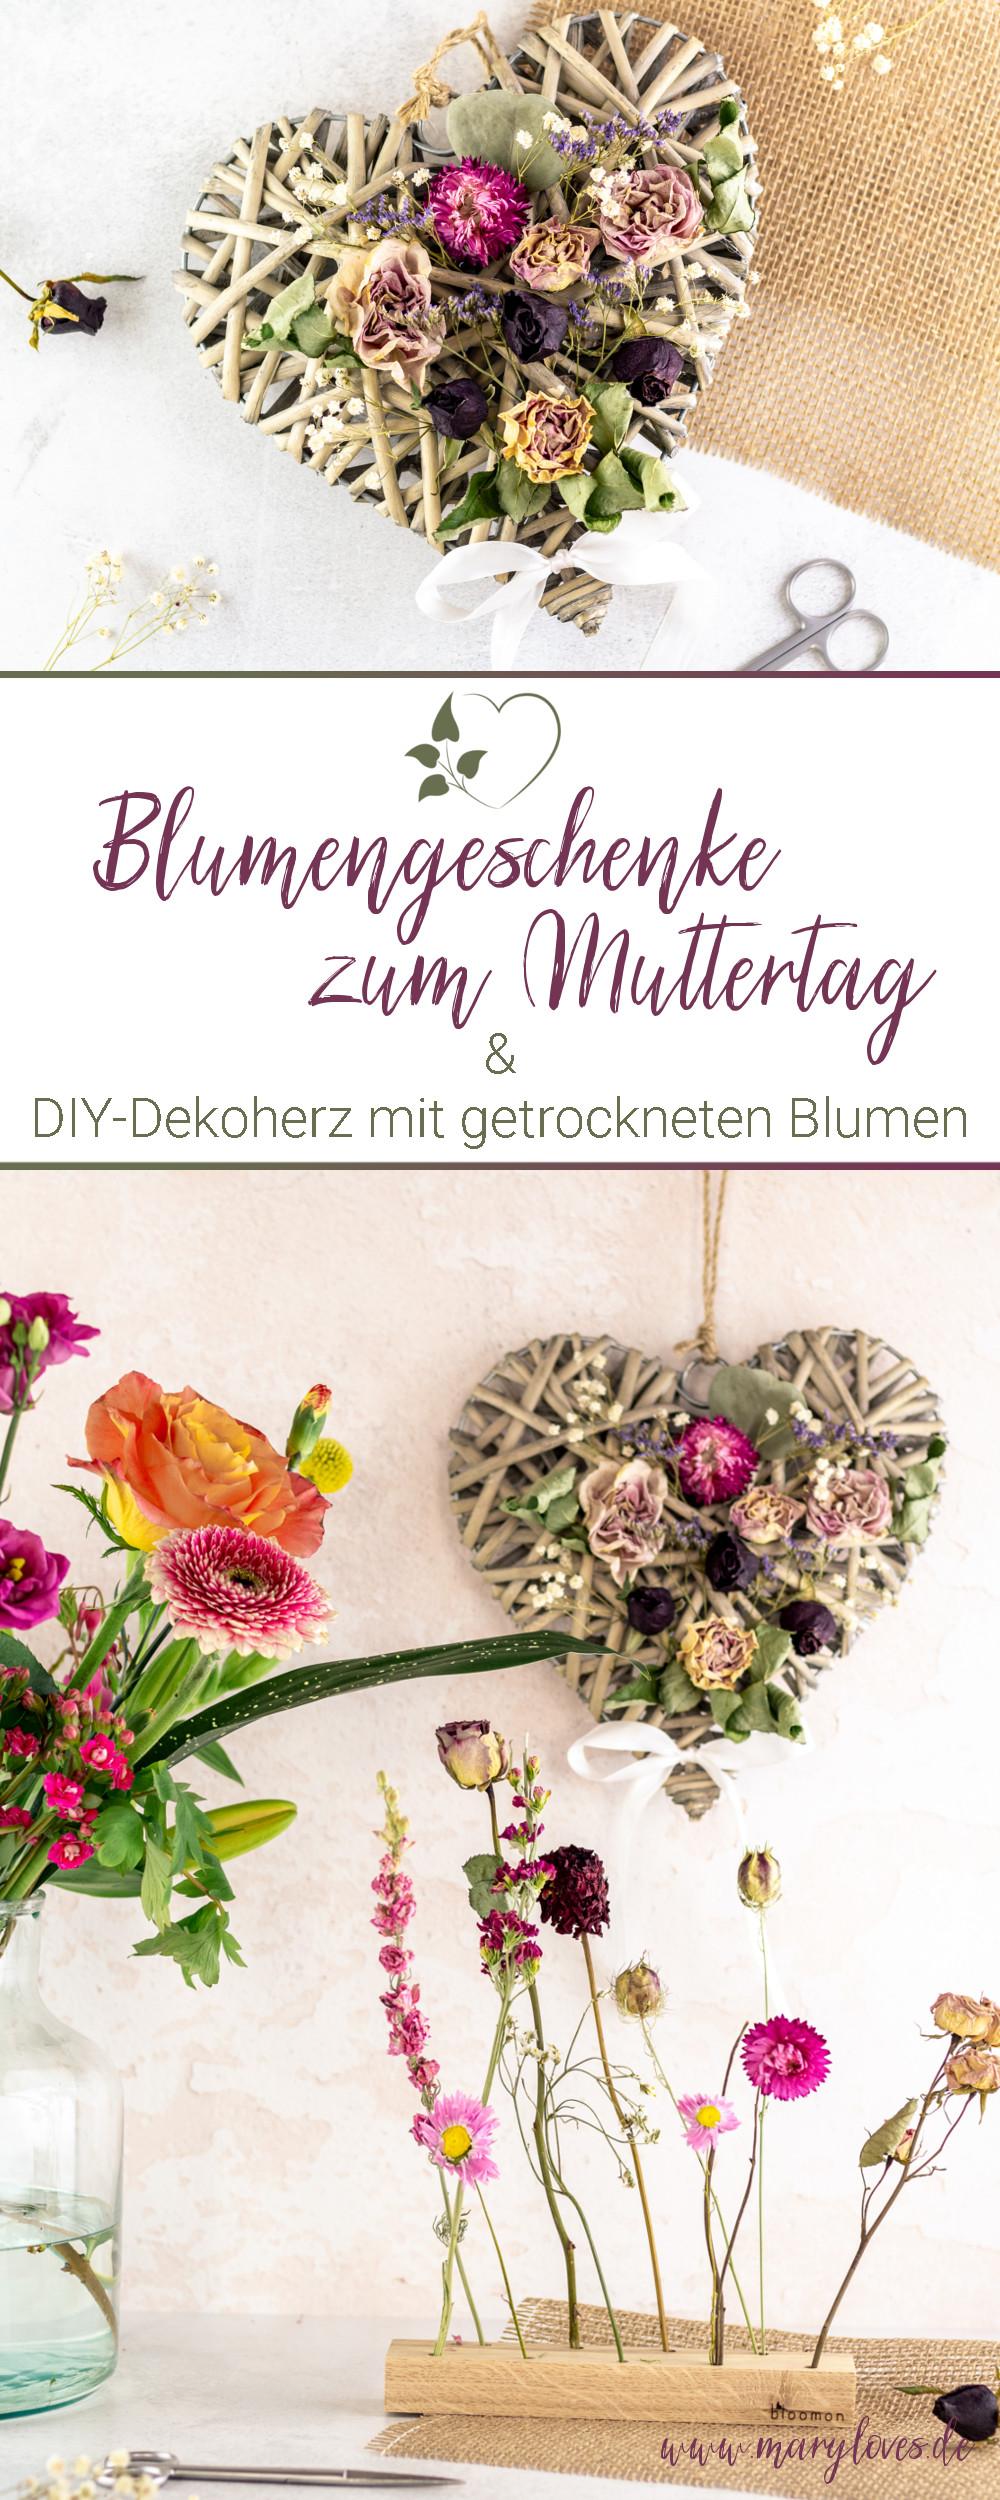 [Anzeige] Besondere Blumengeschenke zum Muttertag & DIY-Dekoherz mit getrockneten Blumen - #muttertag #geschenkidee #blumen #blumengeschenk #diygeschenk #muttertagsgeschenk